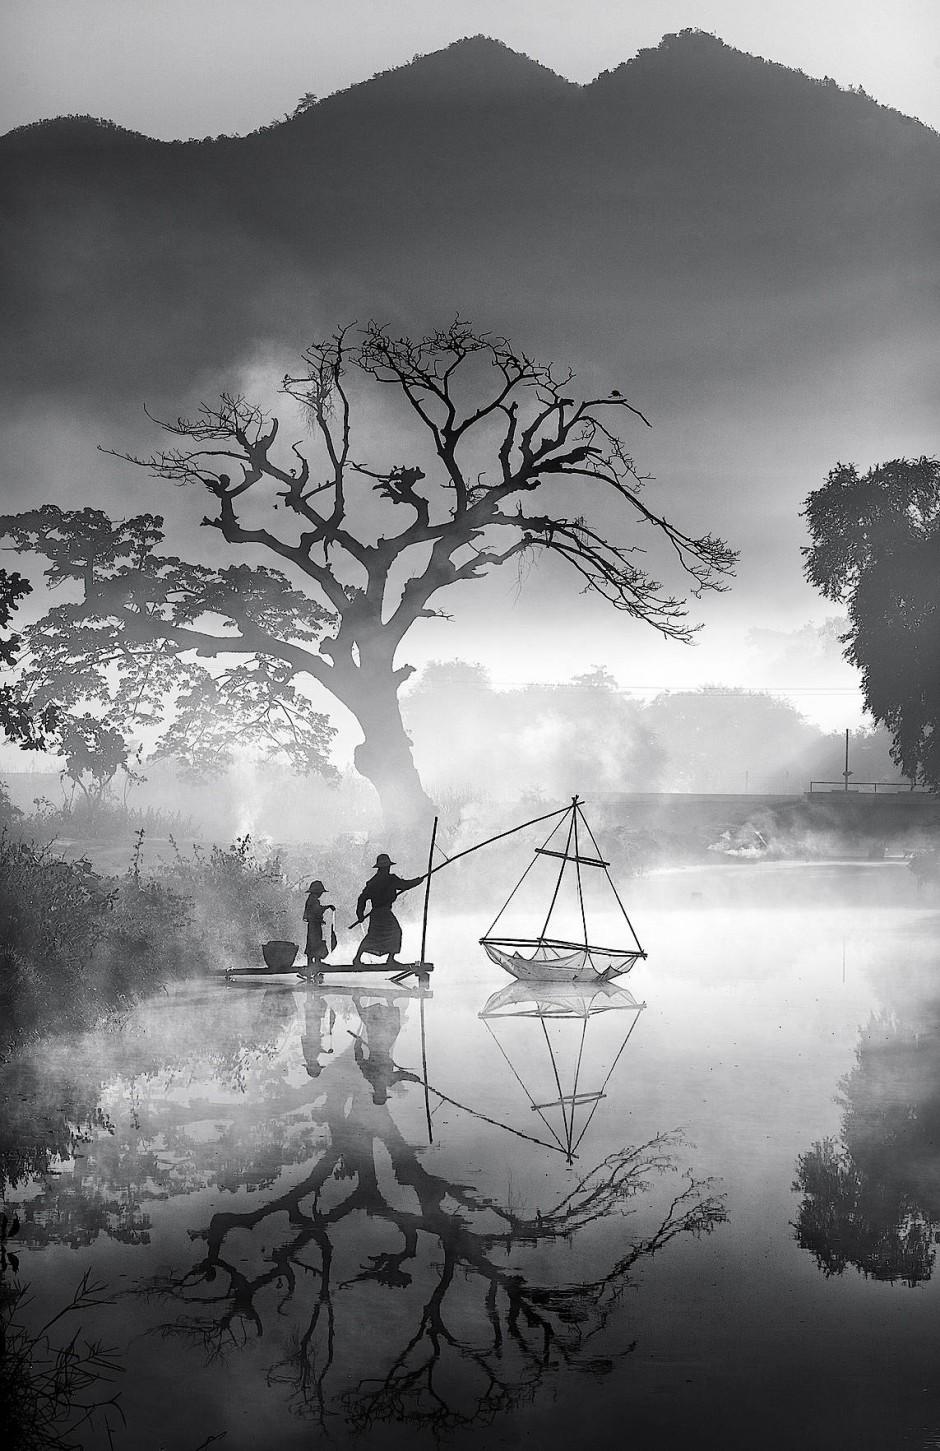 Ein Fischer und sein Sohn bergen den Fang an einem Wintermorgen. Min Min Zaw fotografierte das Siegerfoto des Landeswettbewerbs Myanmar.